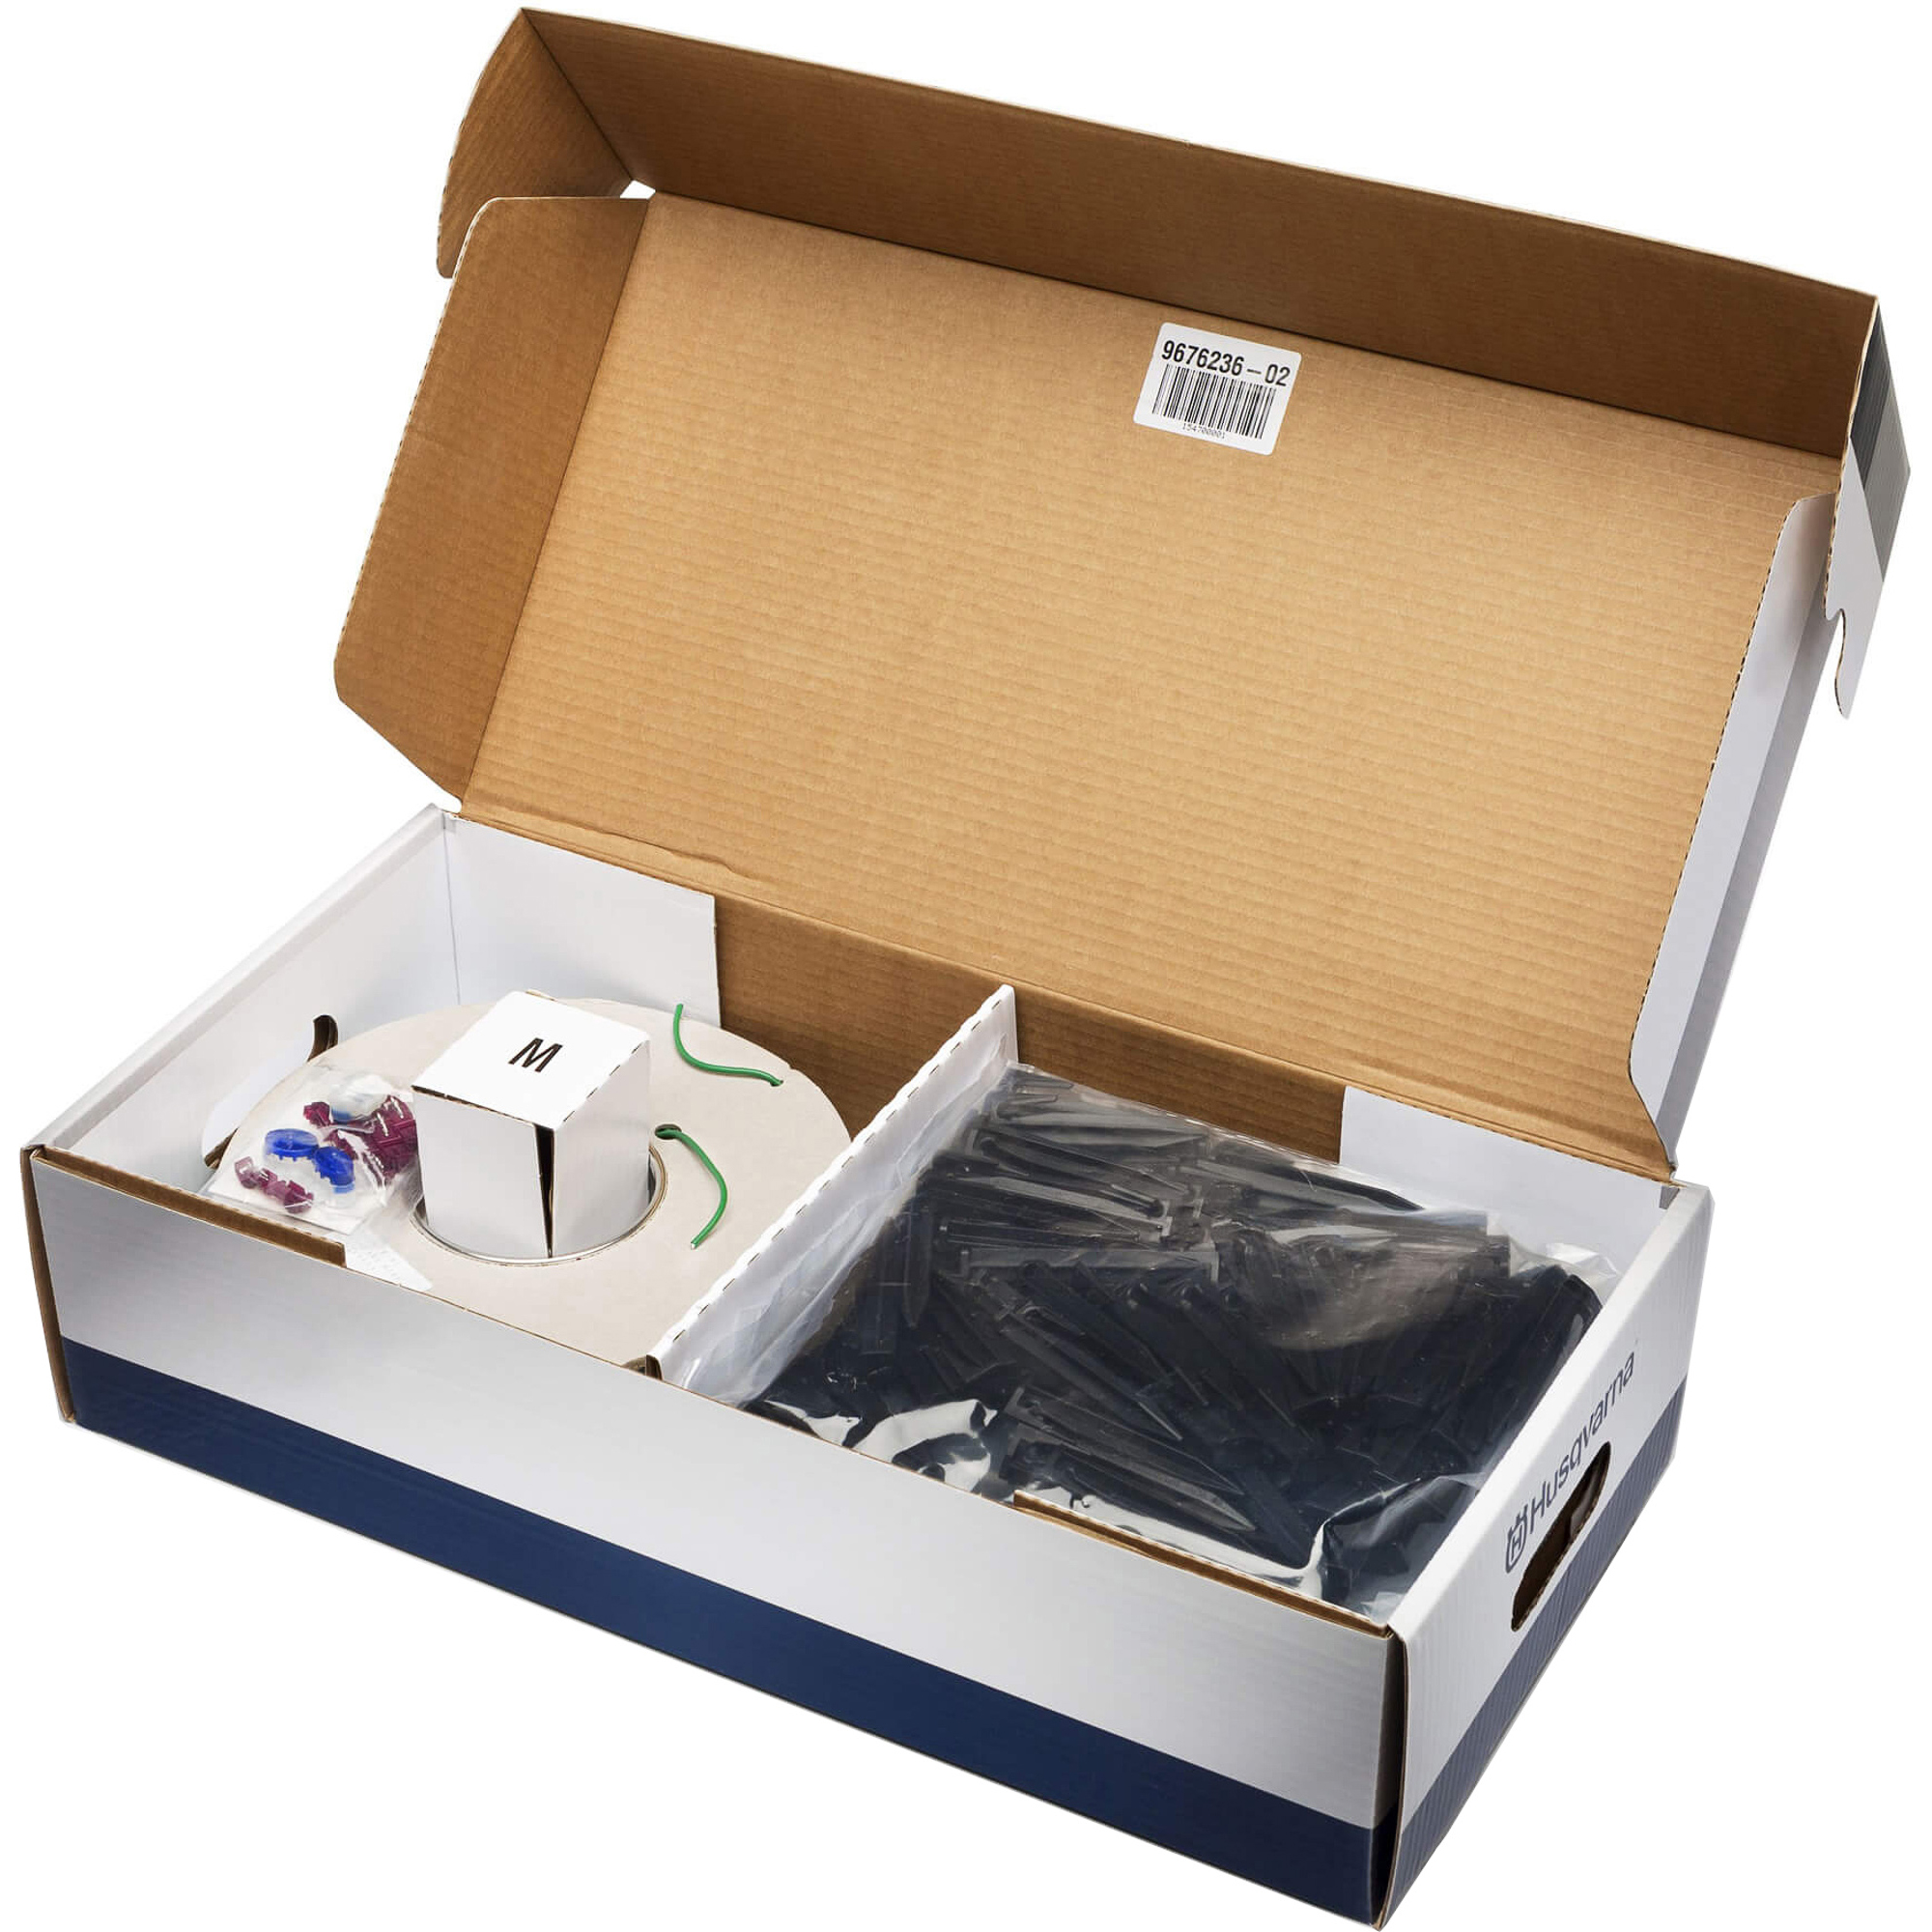 Комплект для установки газонокосилки-робота Husqvarna Installation kit medium